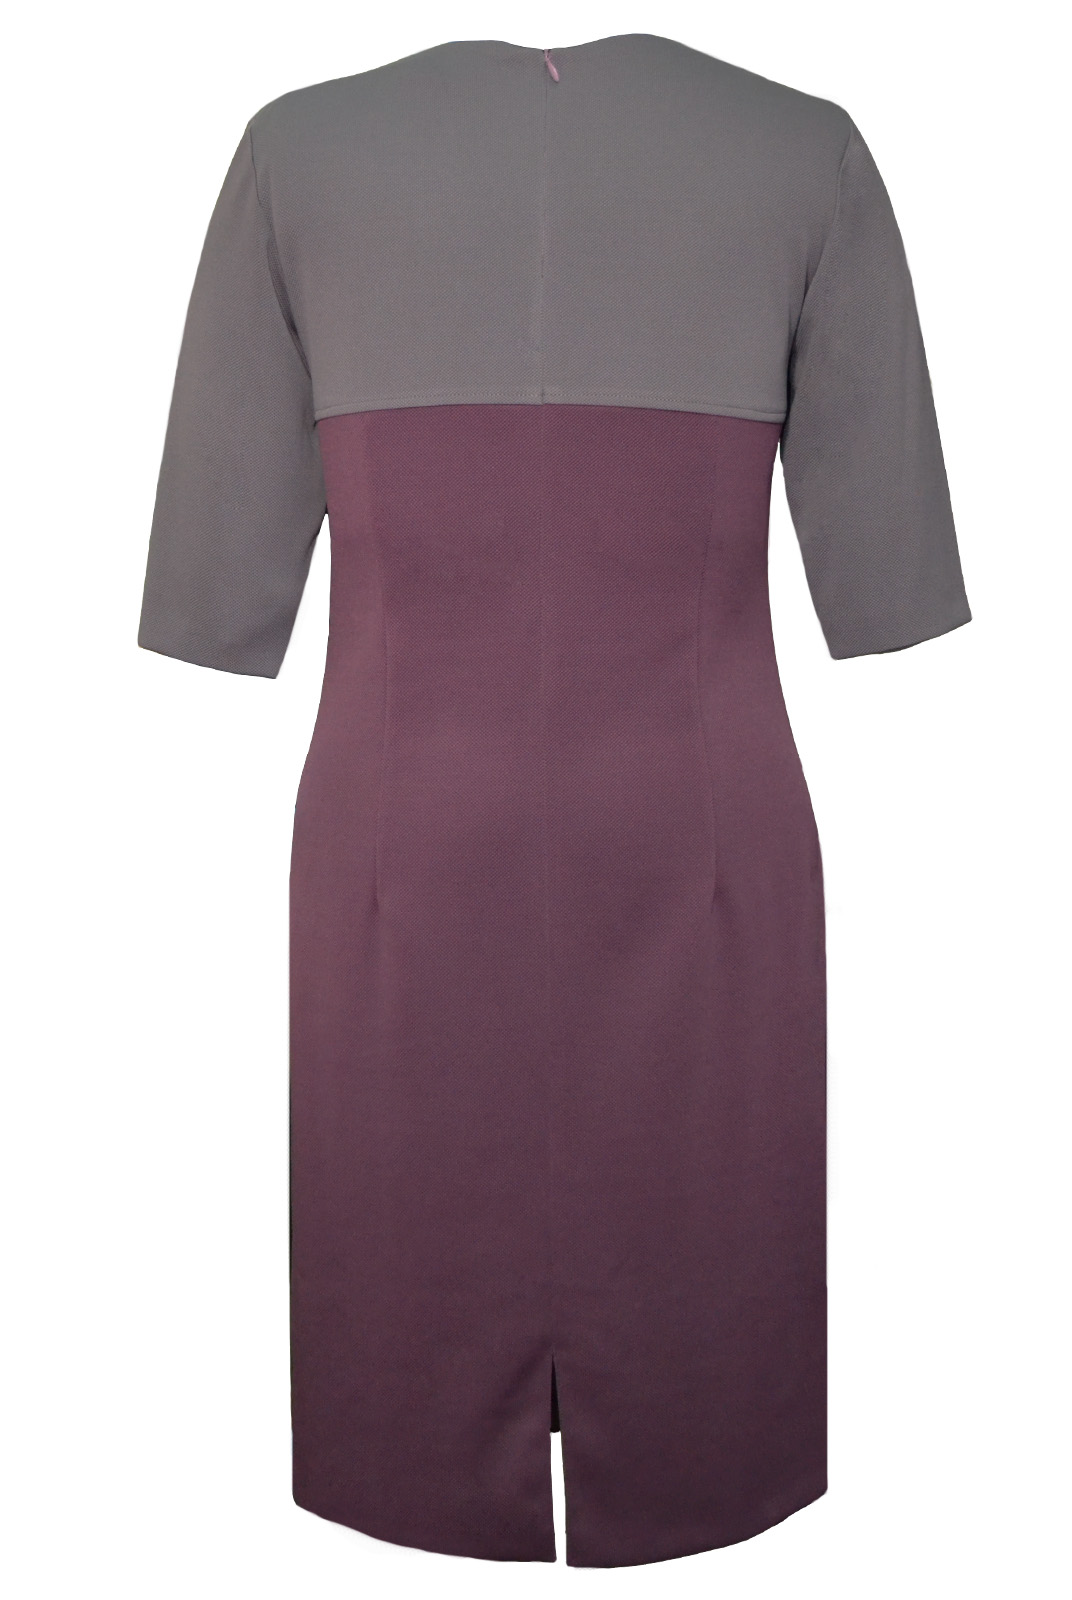 Купить Платье Женское В Интернет Магазине